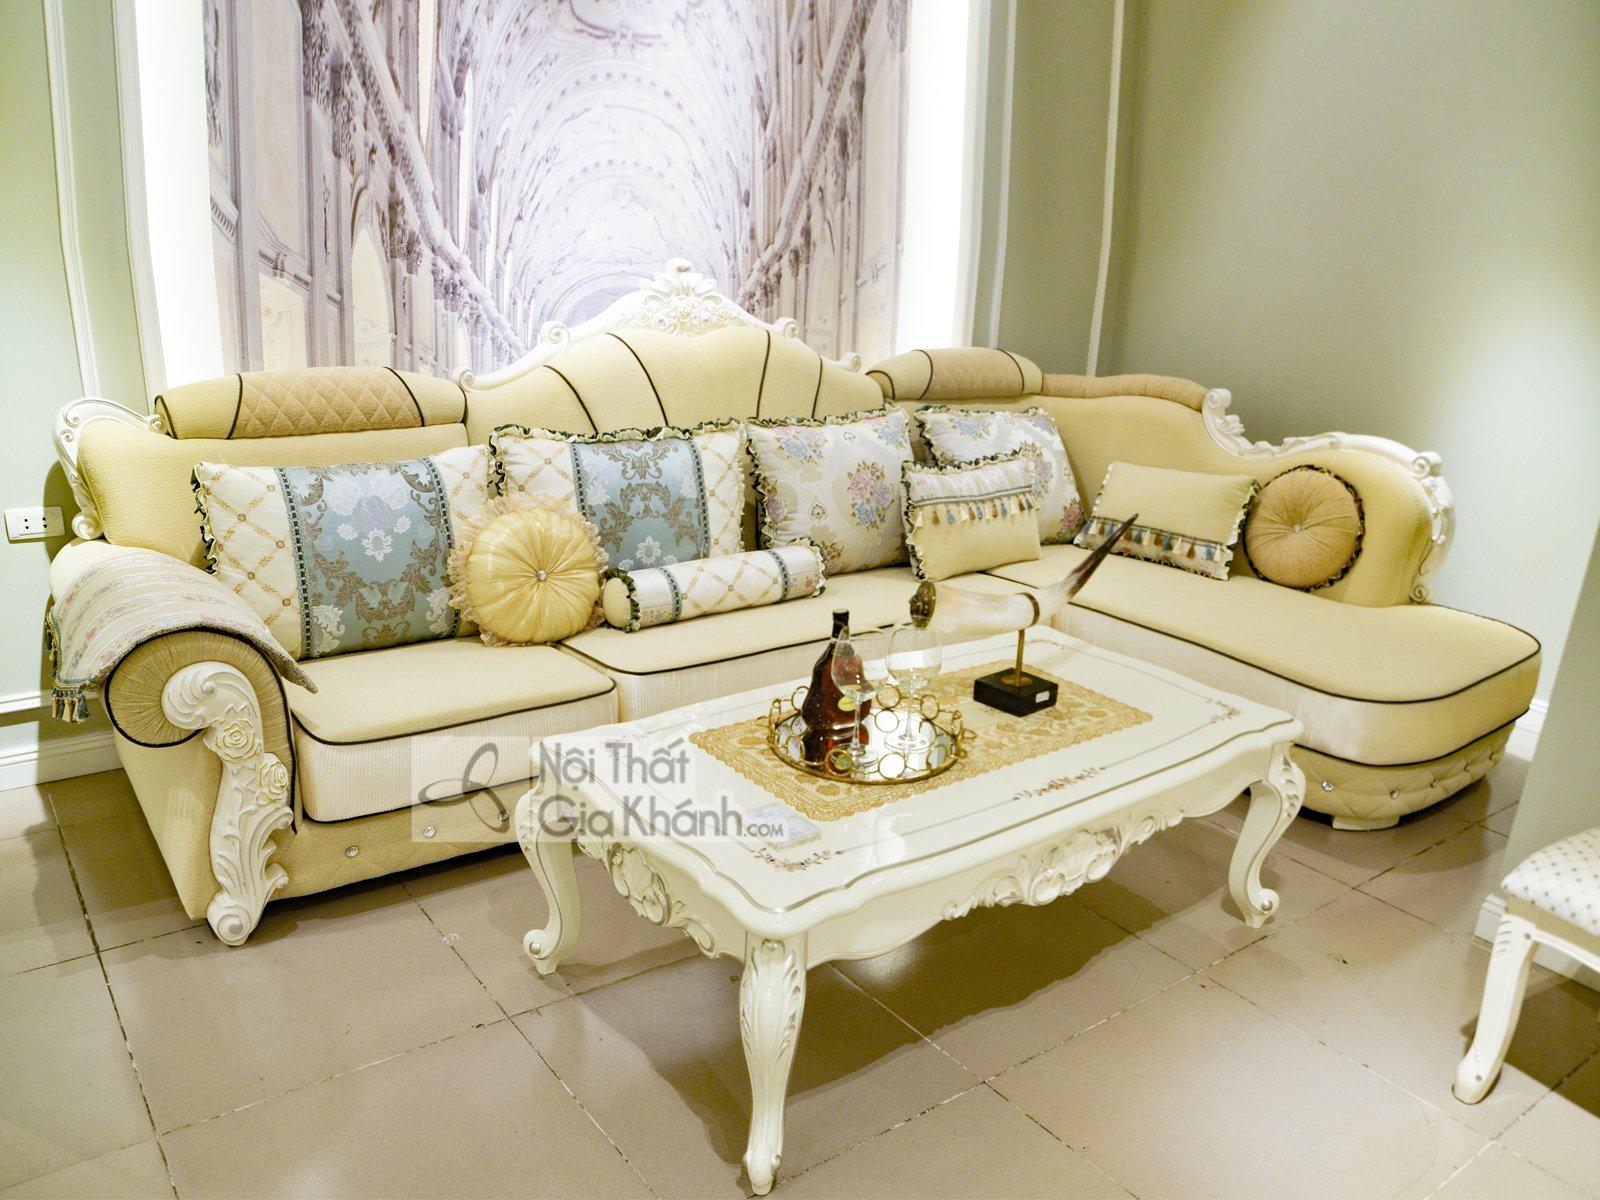 Bộ Sofa Góc Trái Vải Cao Cấp Tân Cổ Điển A58-Gt